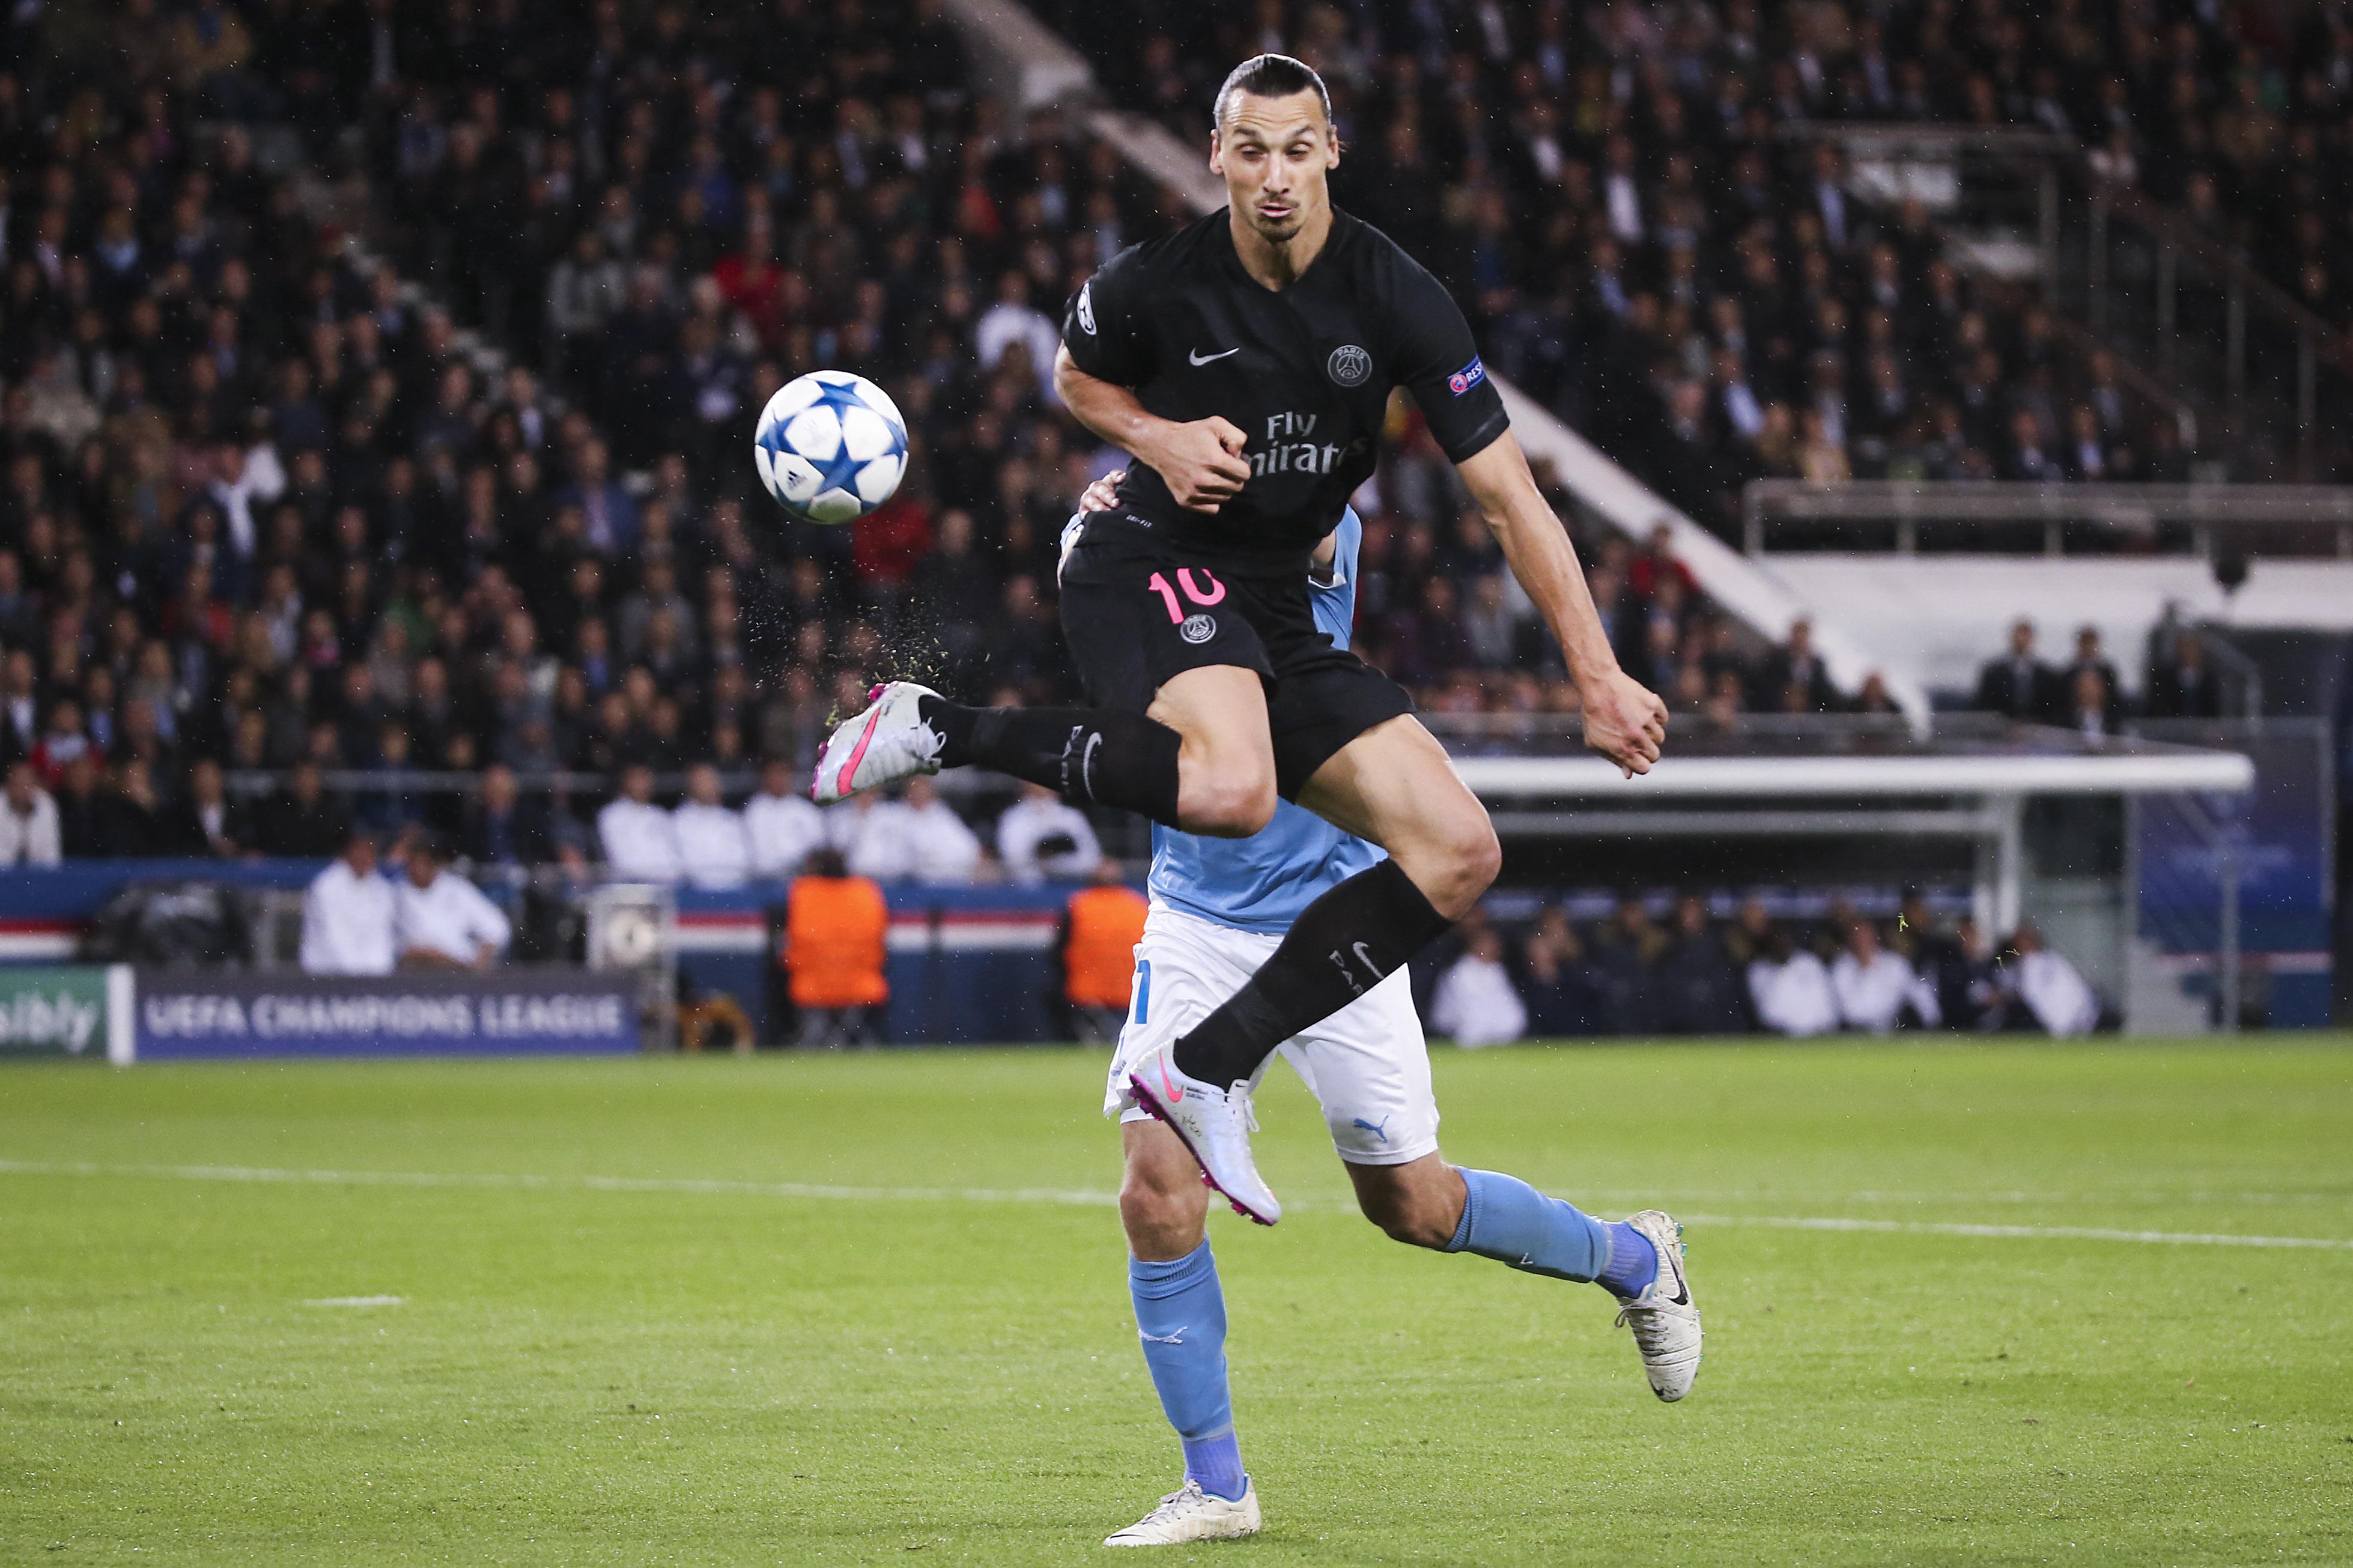 150915 PSG:s Zlatan Ibrahimovic skarvar fram till 2-0 under fotbollsmatchen i Champions League mellan Paris Saint Germain och Malmš FF den 15 September 2015 i Paris. Foto: Daniel Nilsson / BILDBYRN / Cop 42